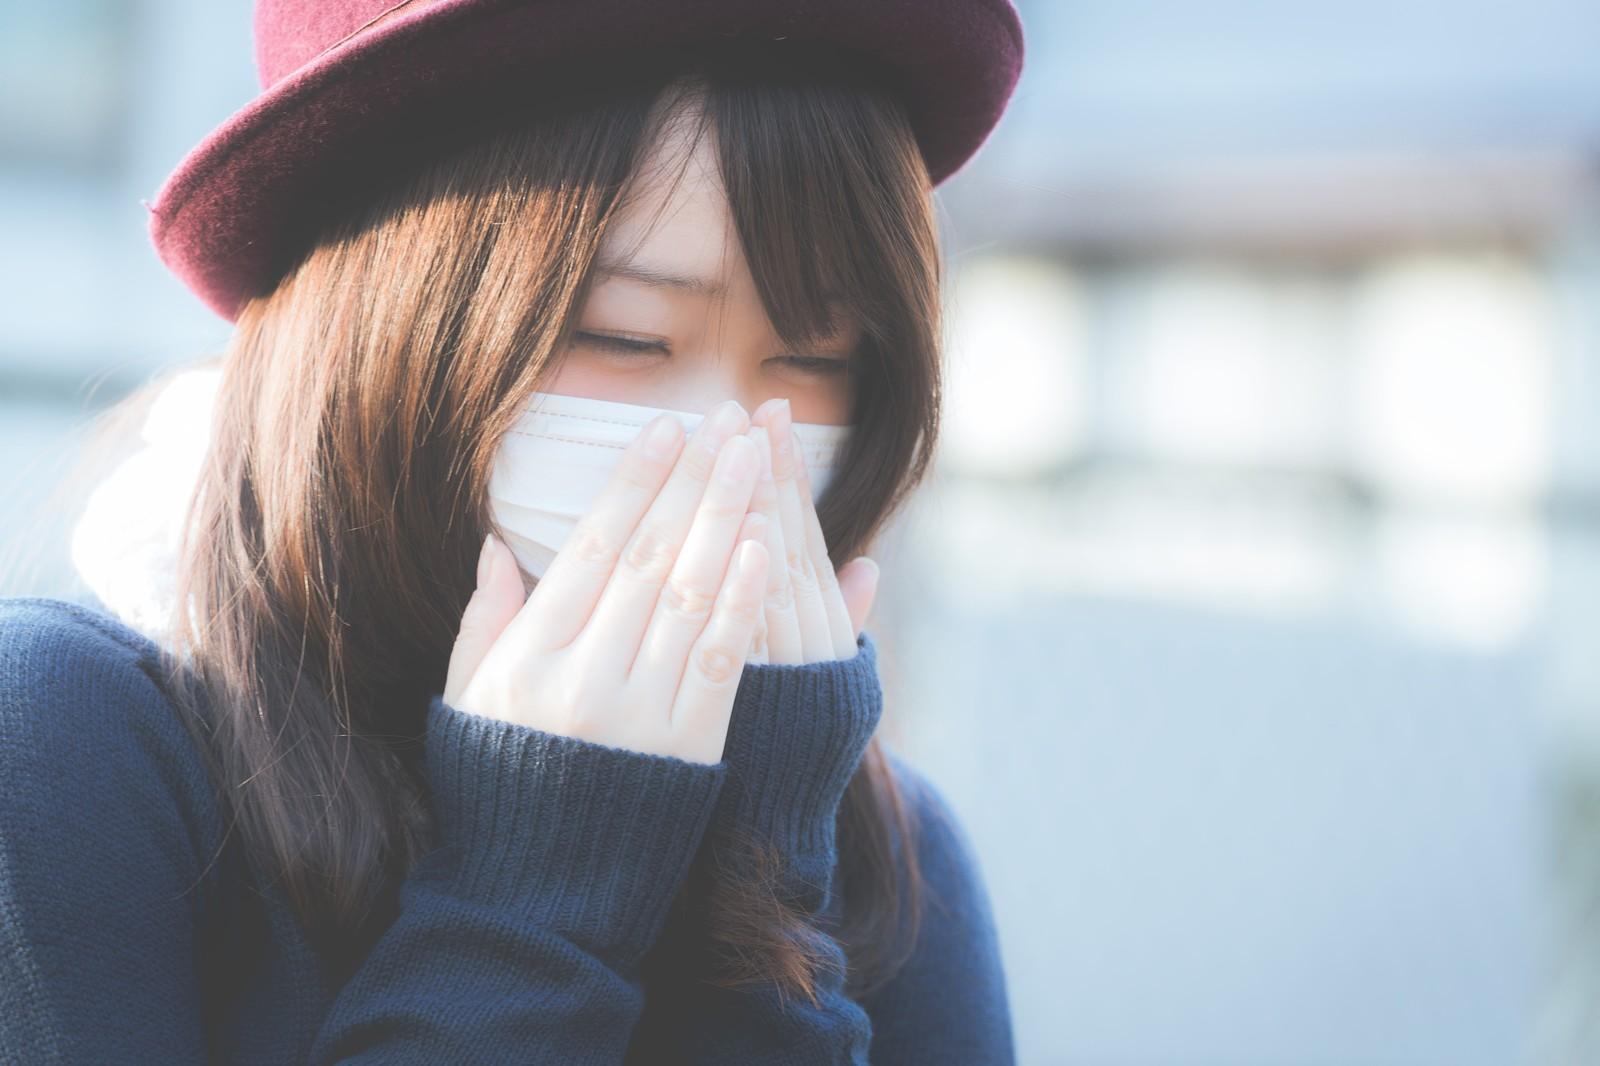 糖質制限ダイエットで空咳が治る?アレルギーが治る?